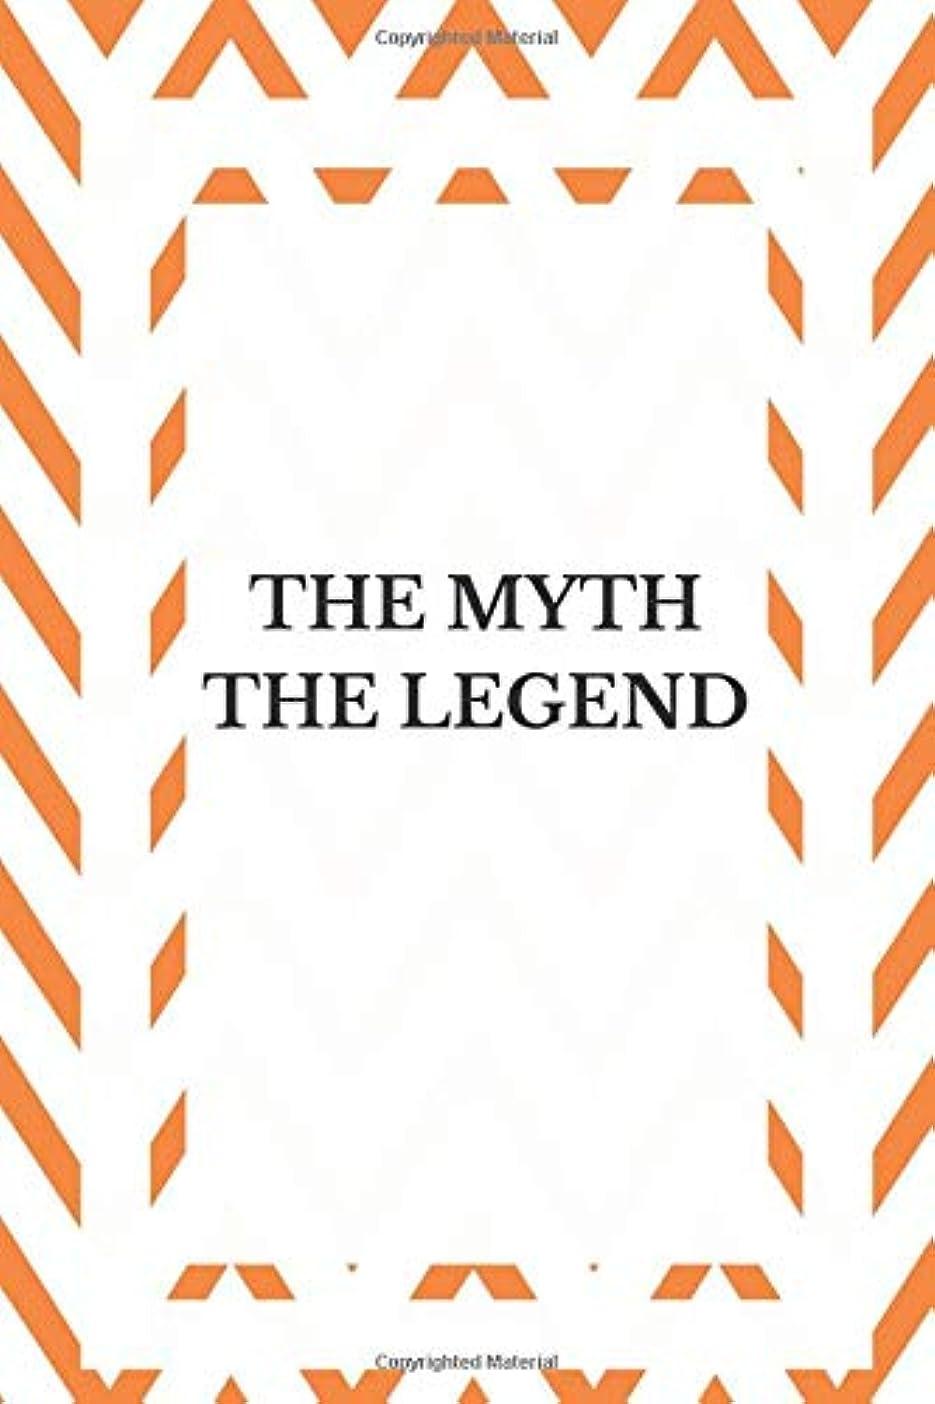 ロータリー浴室スコットランド人The Myth The Legend: Funny Gift Journal Lined Notebook To Write In For Women And Men